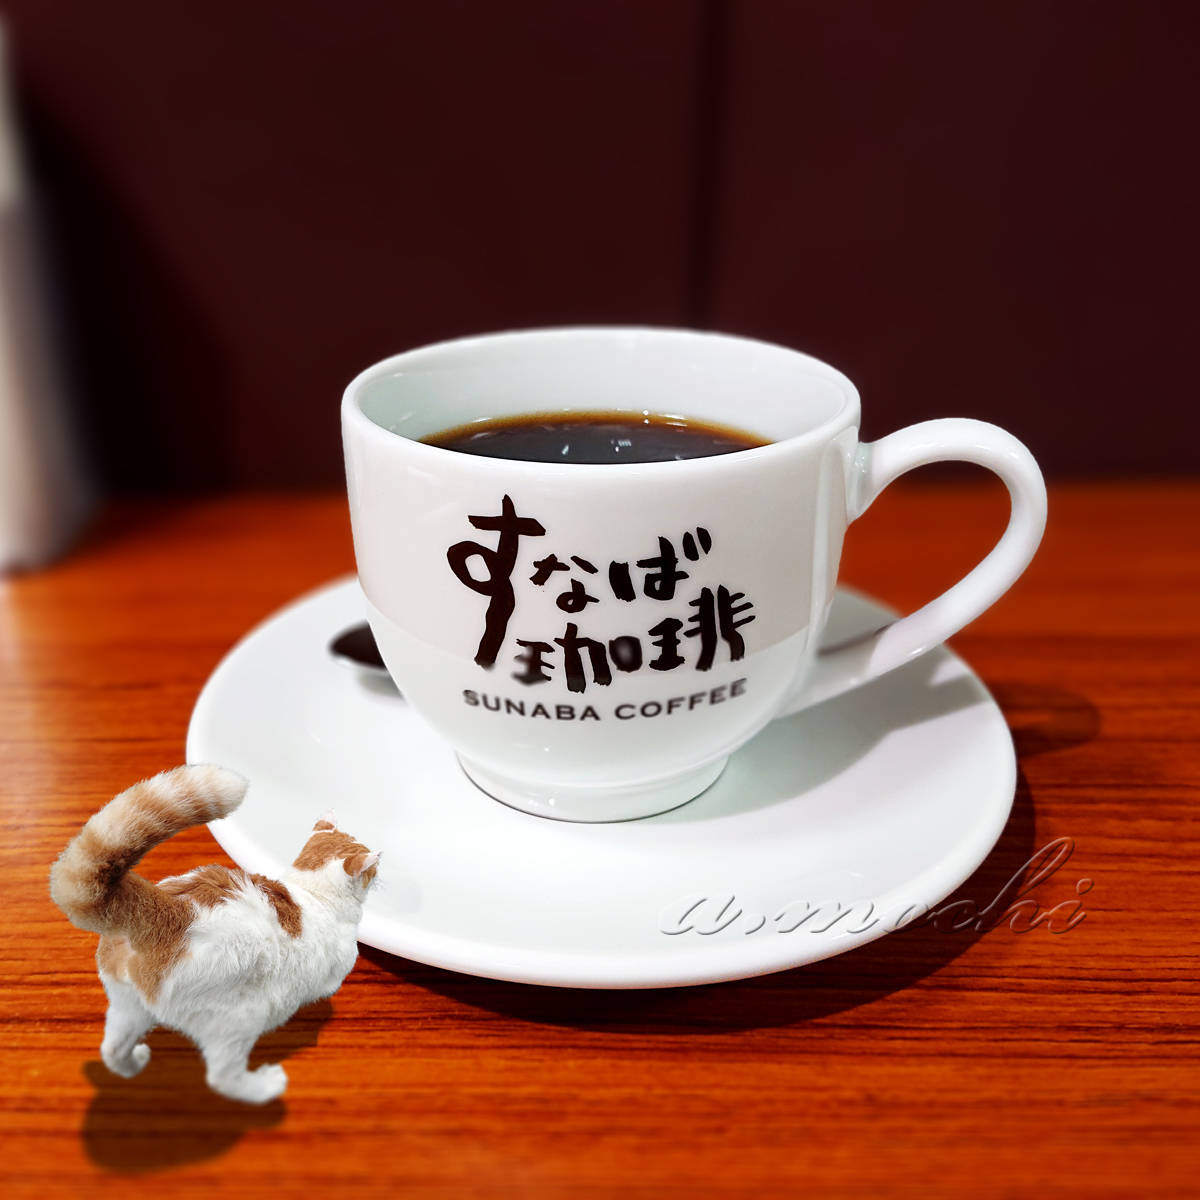 sunaba_coffee.jpg